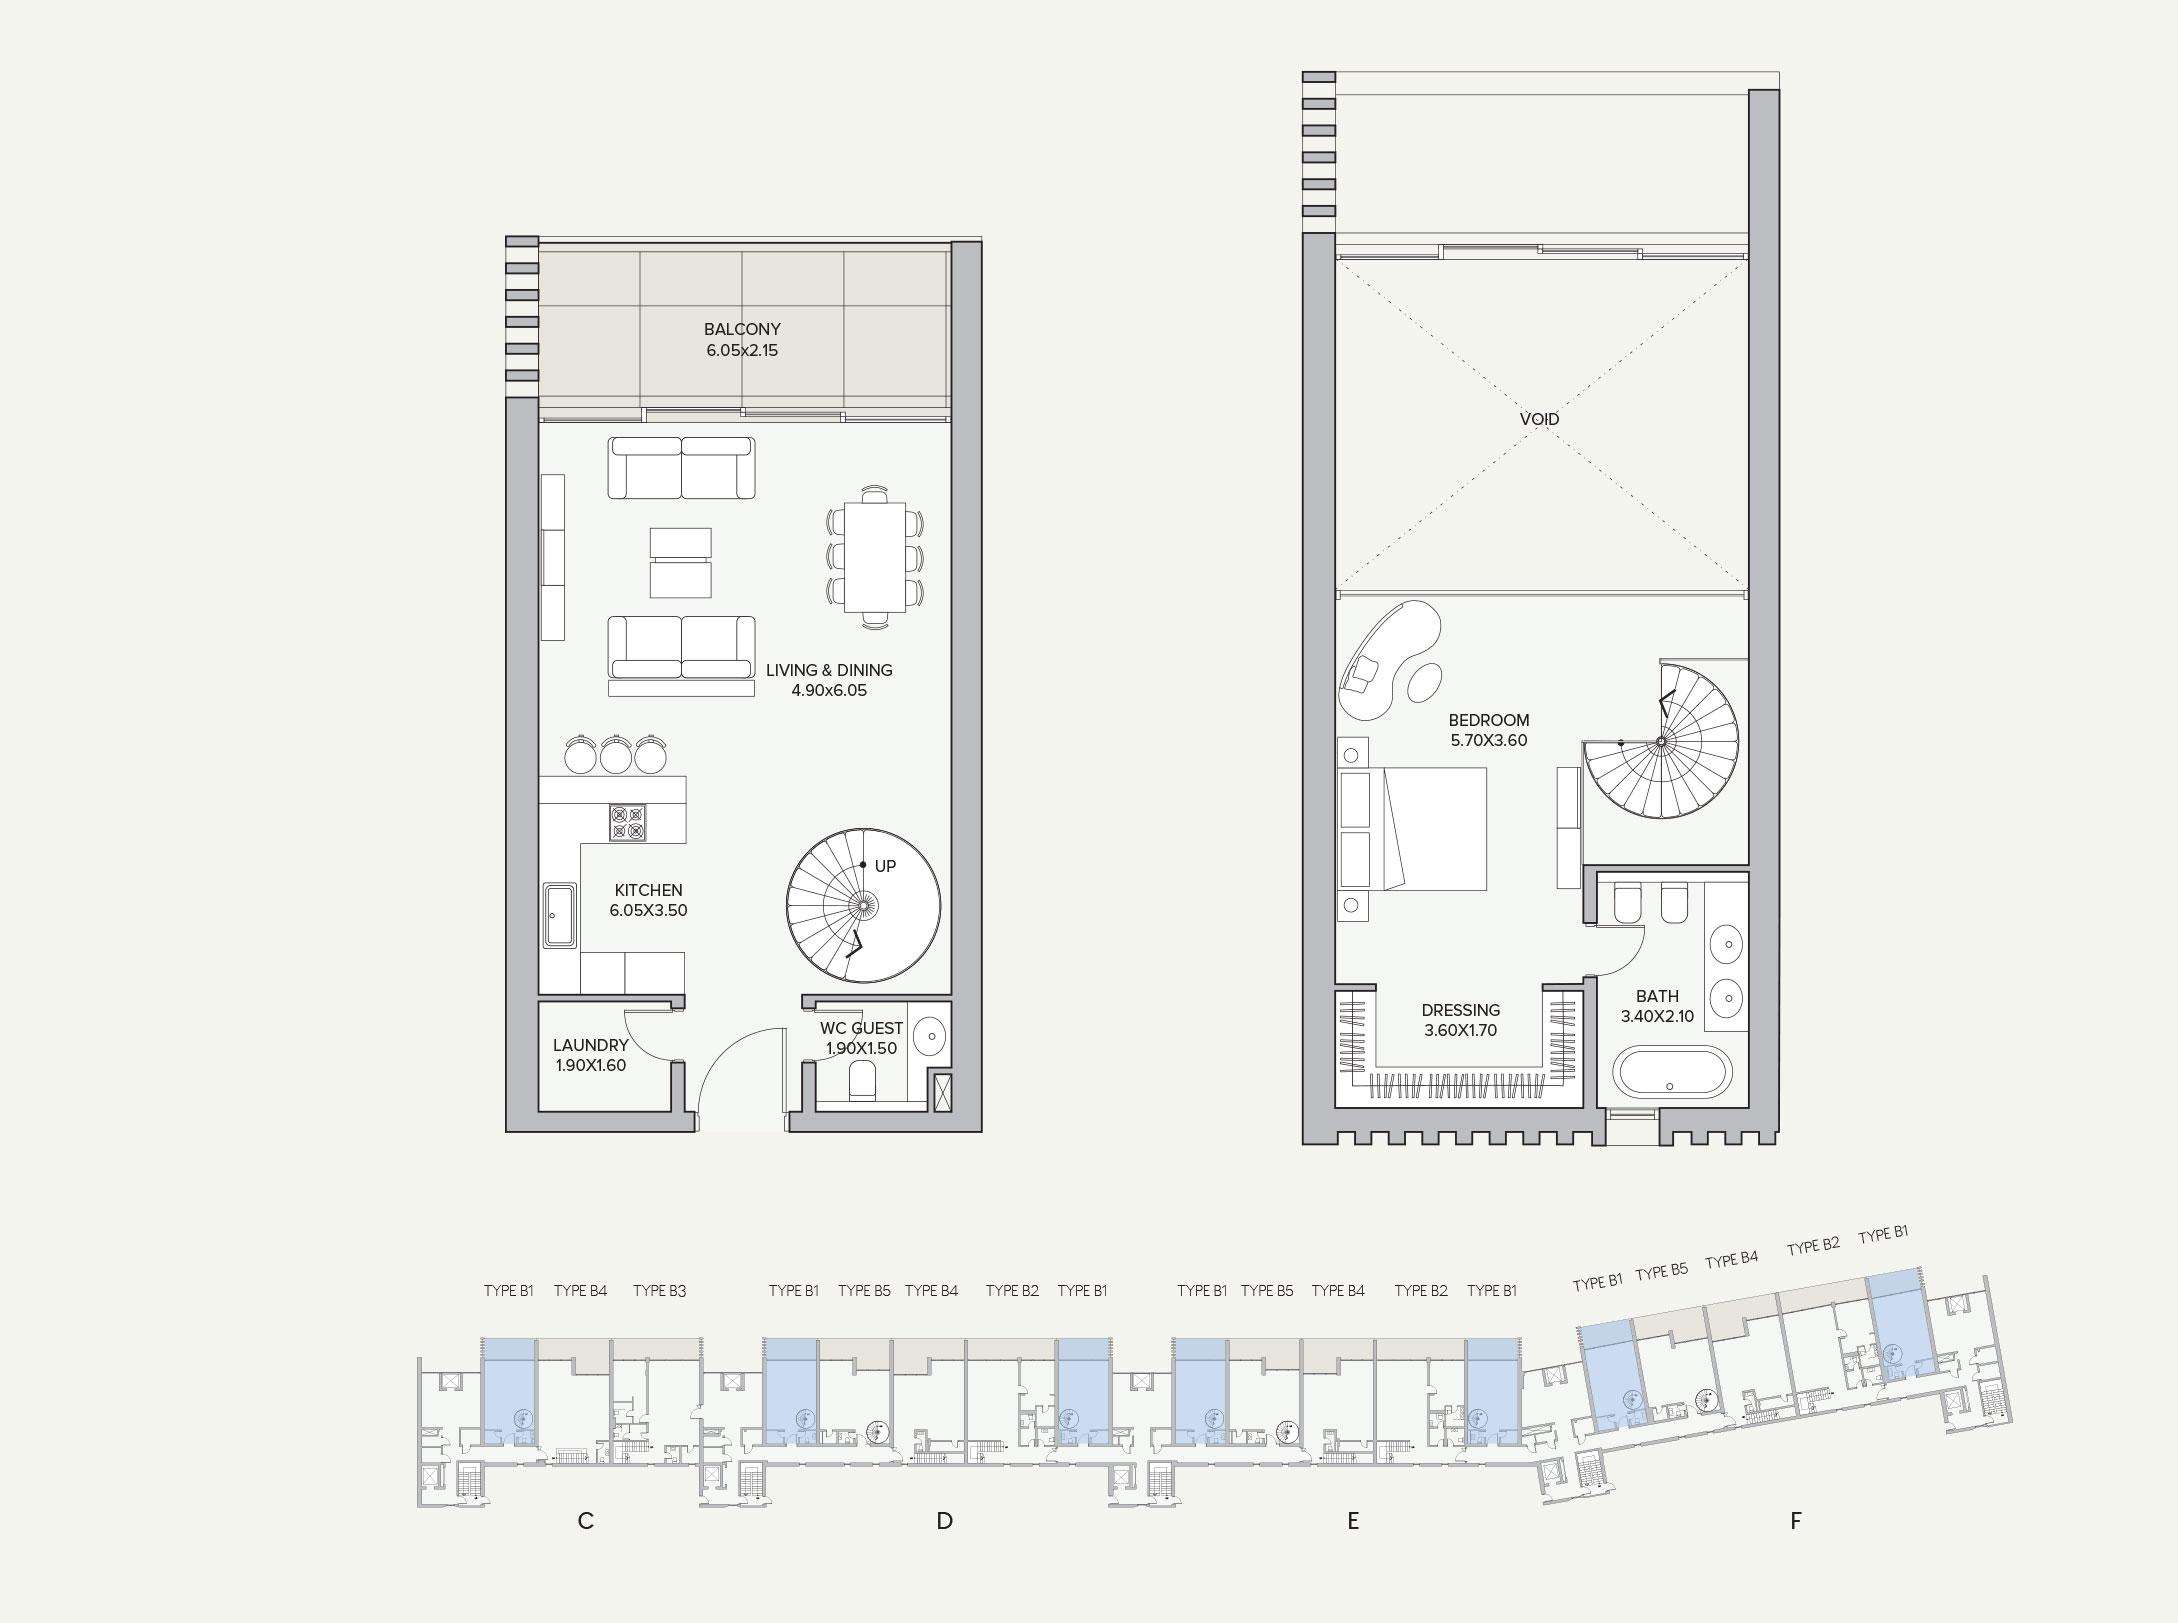 Duplex Type B1 Apartment Block C/D/E/F